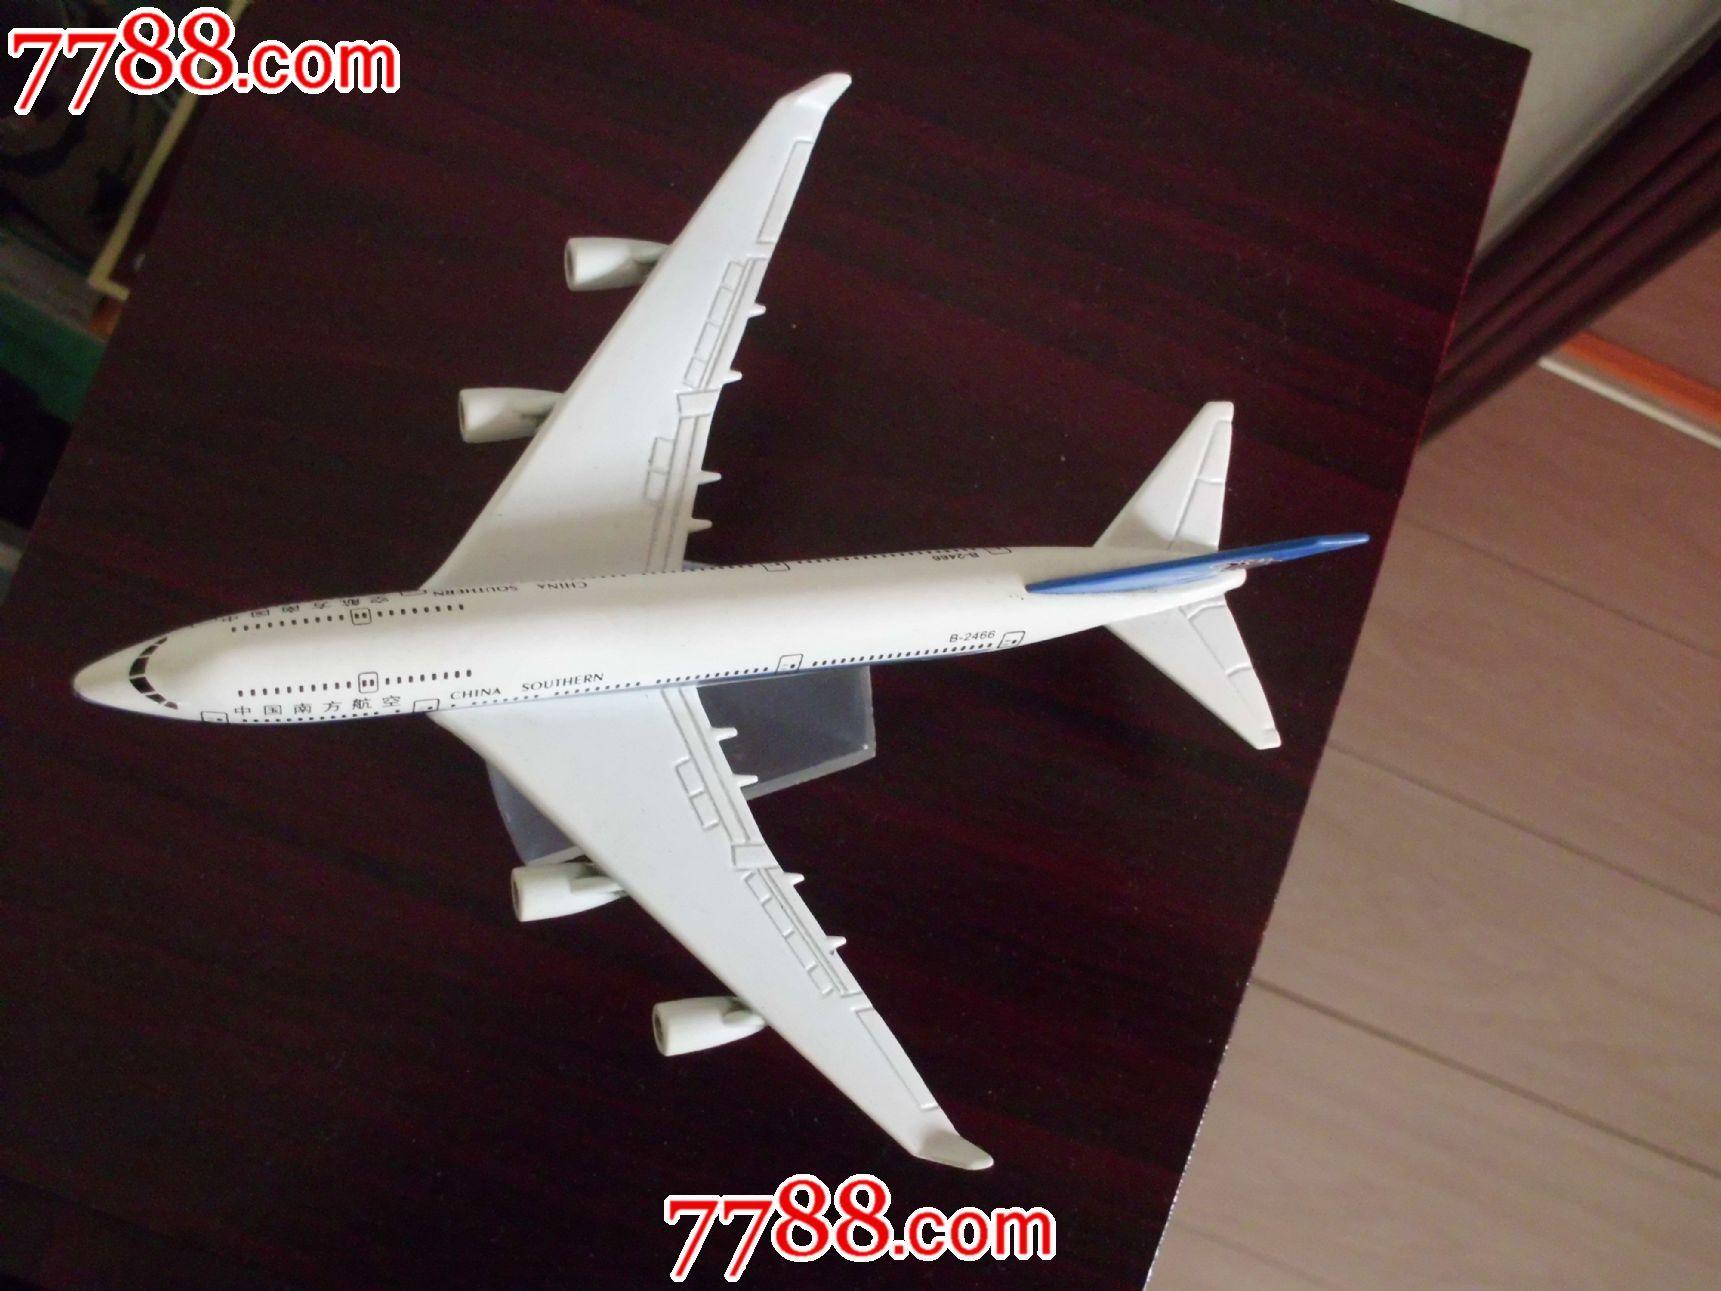 中国南方航空公司---波音747飞机模型